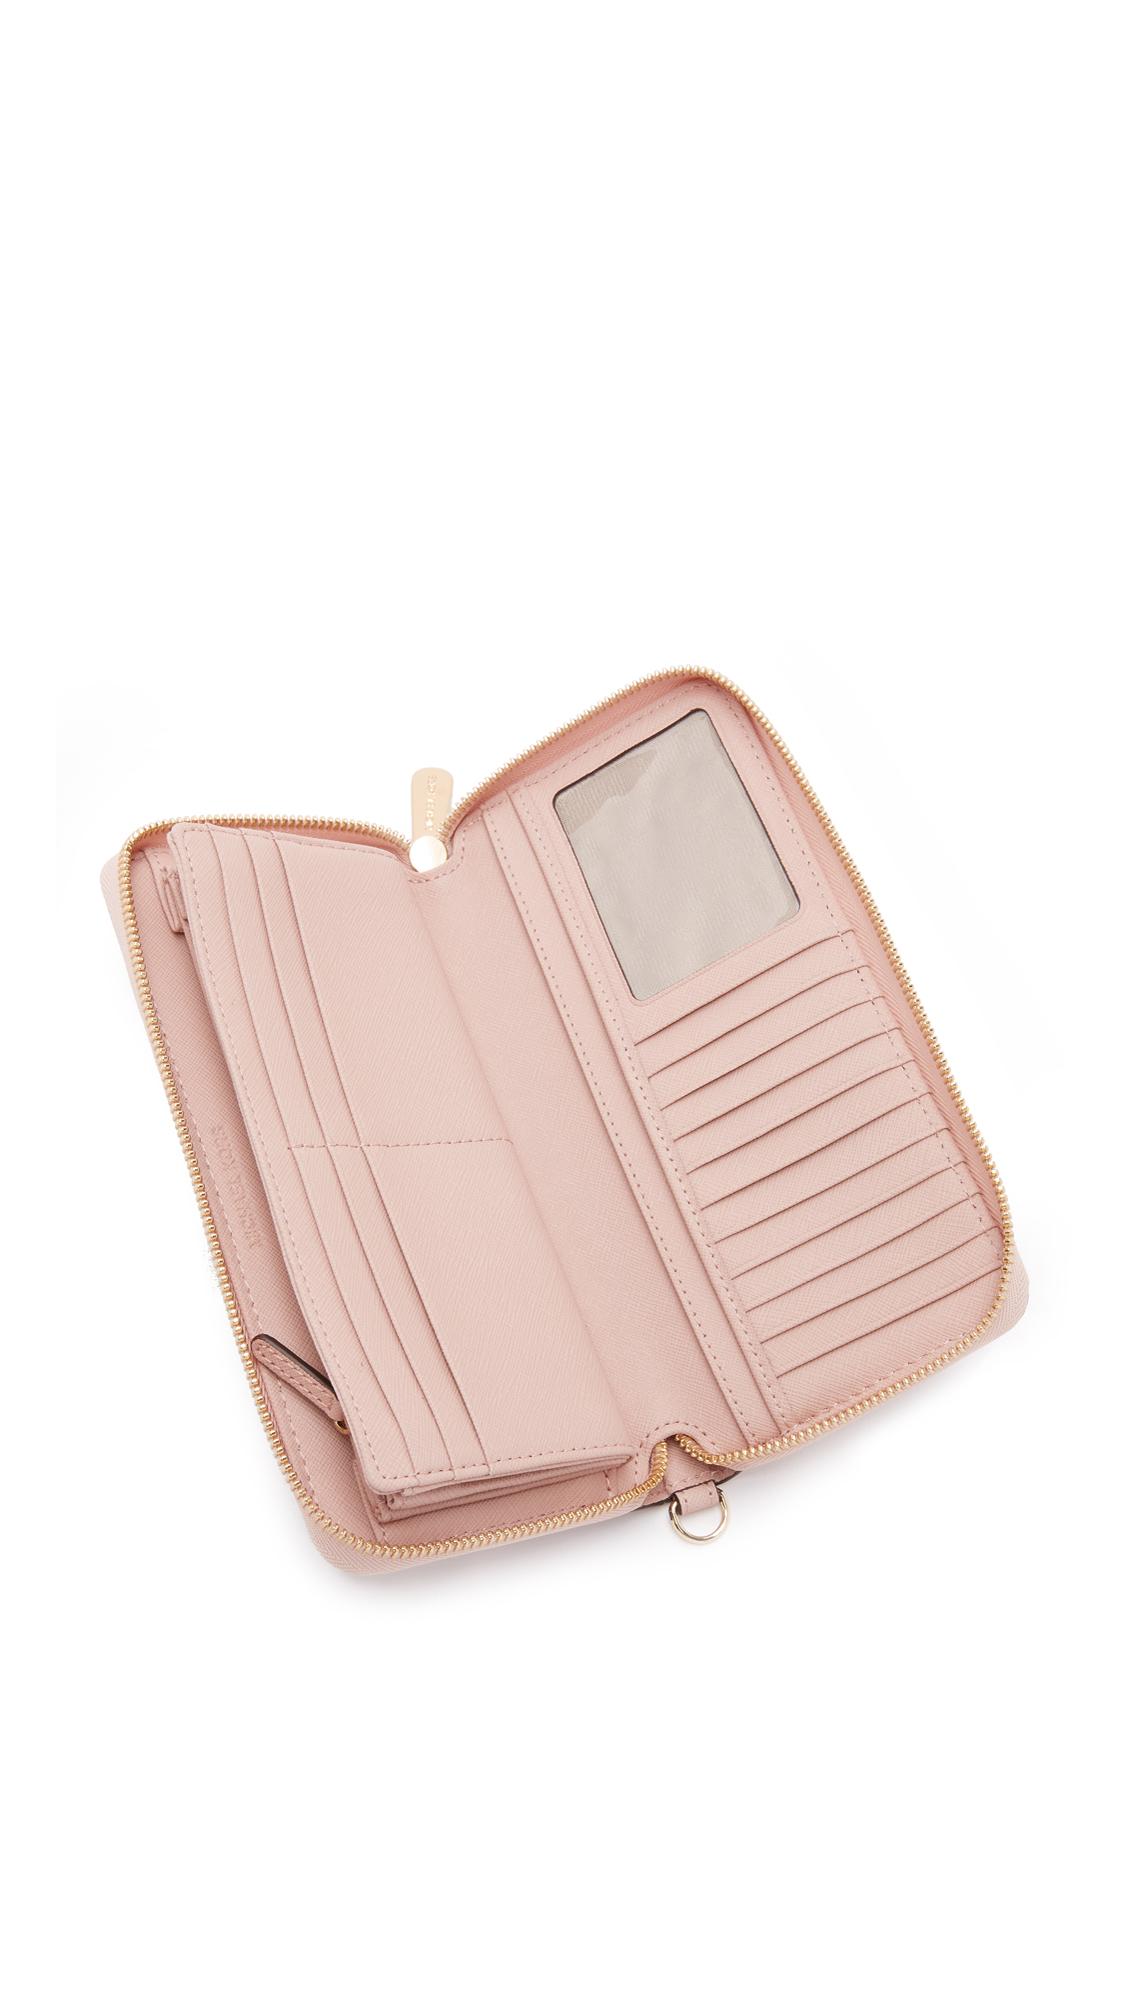 michael michael kors jet set large phone case wallet ballet in pink lyst. Black Bedroom Furniture Sets. Home Design Ideas